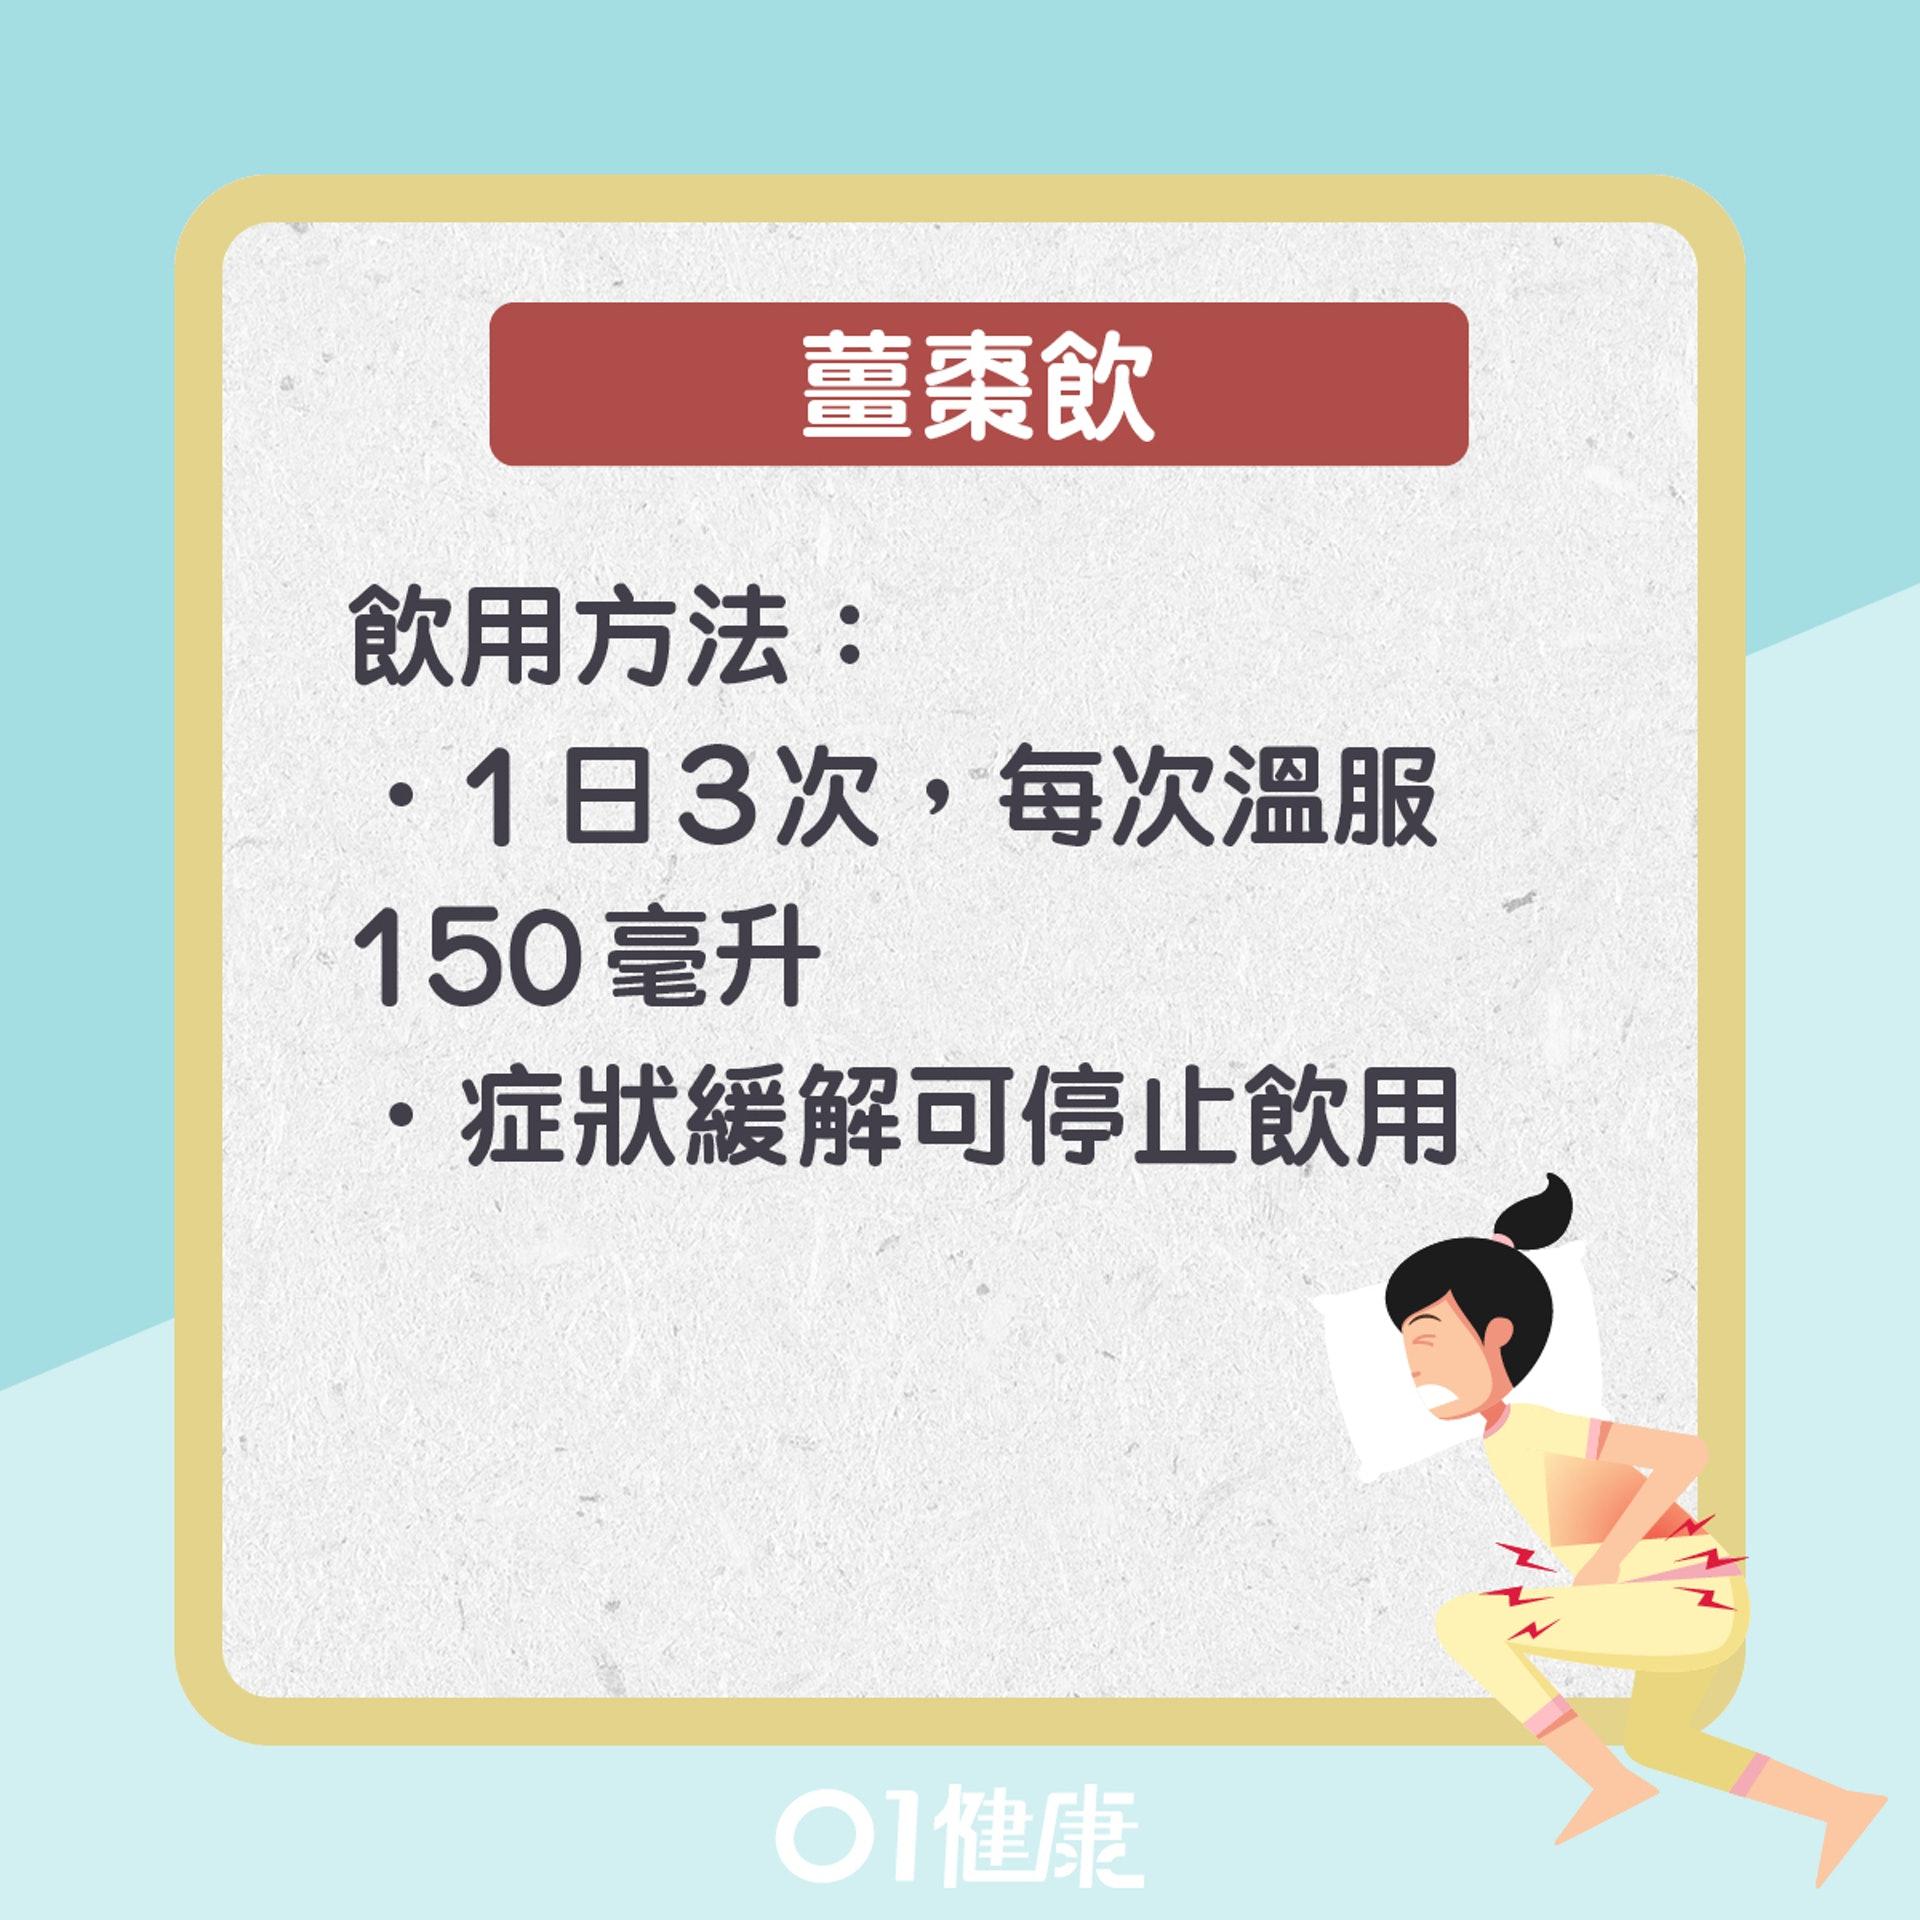 姜棗飲(01製圖)